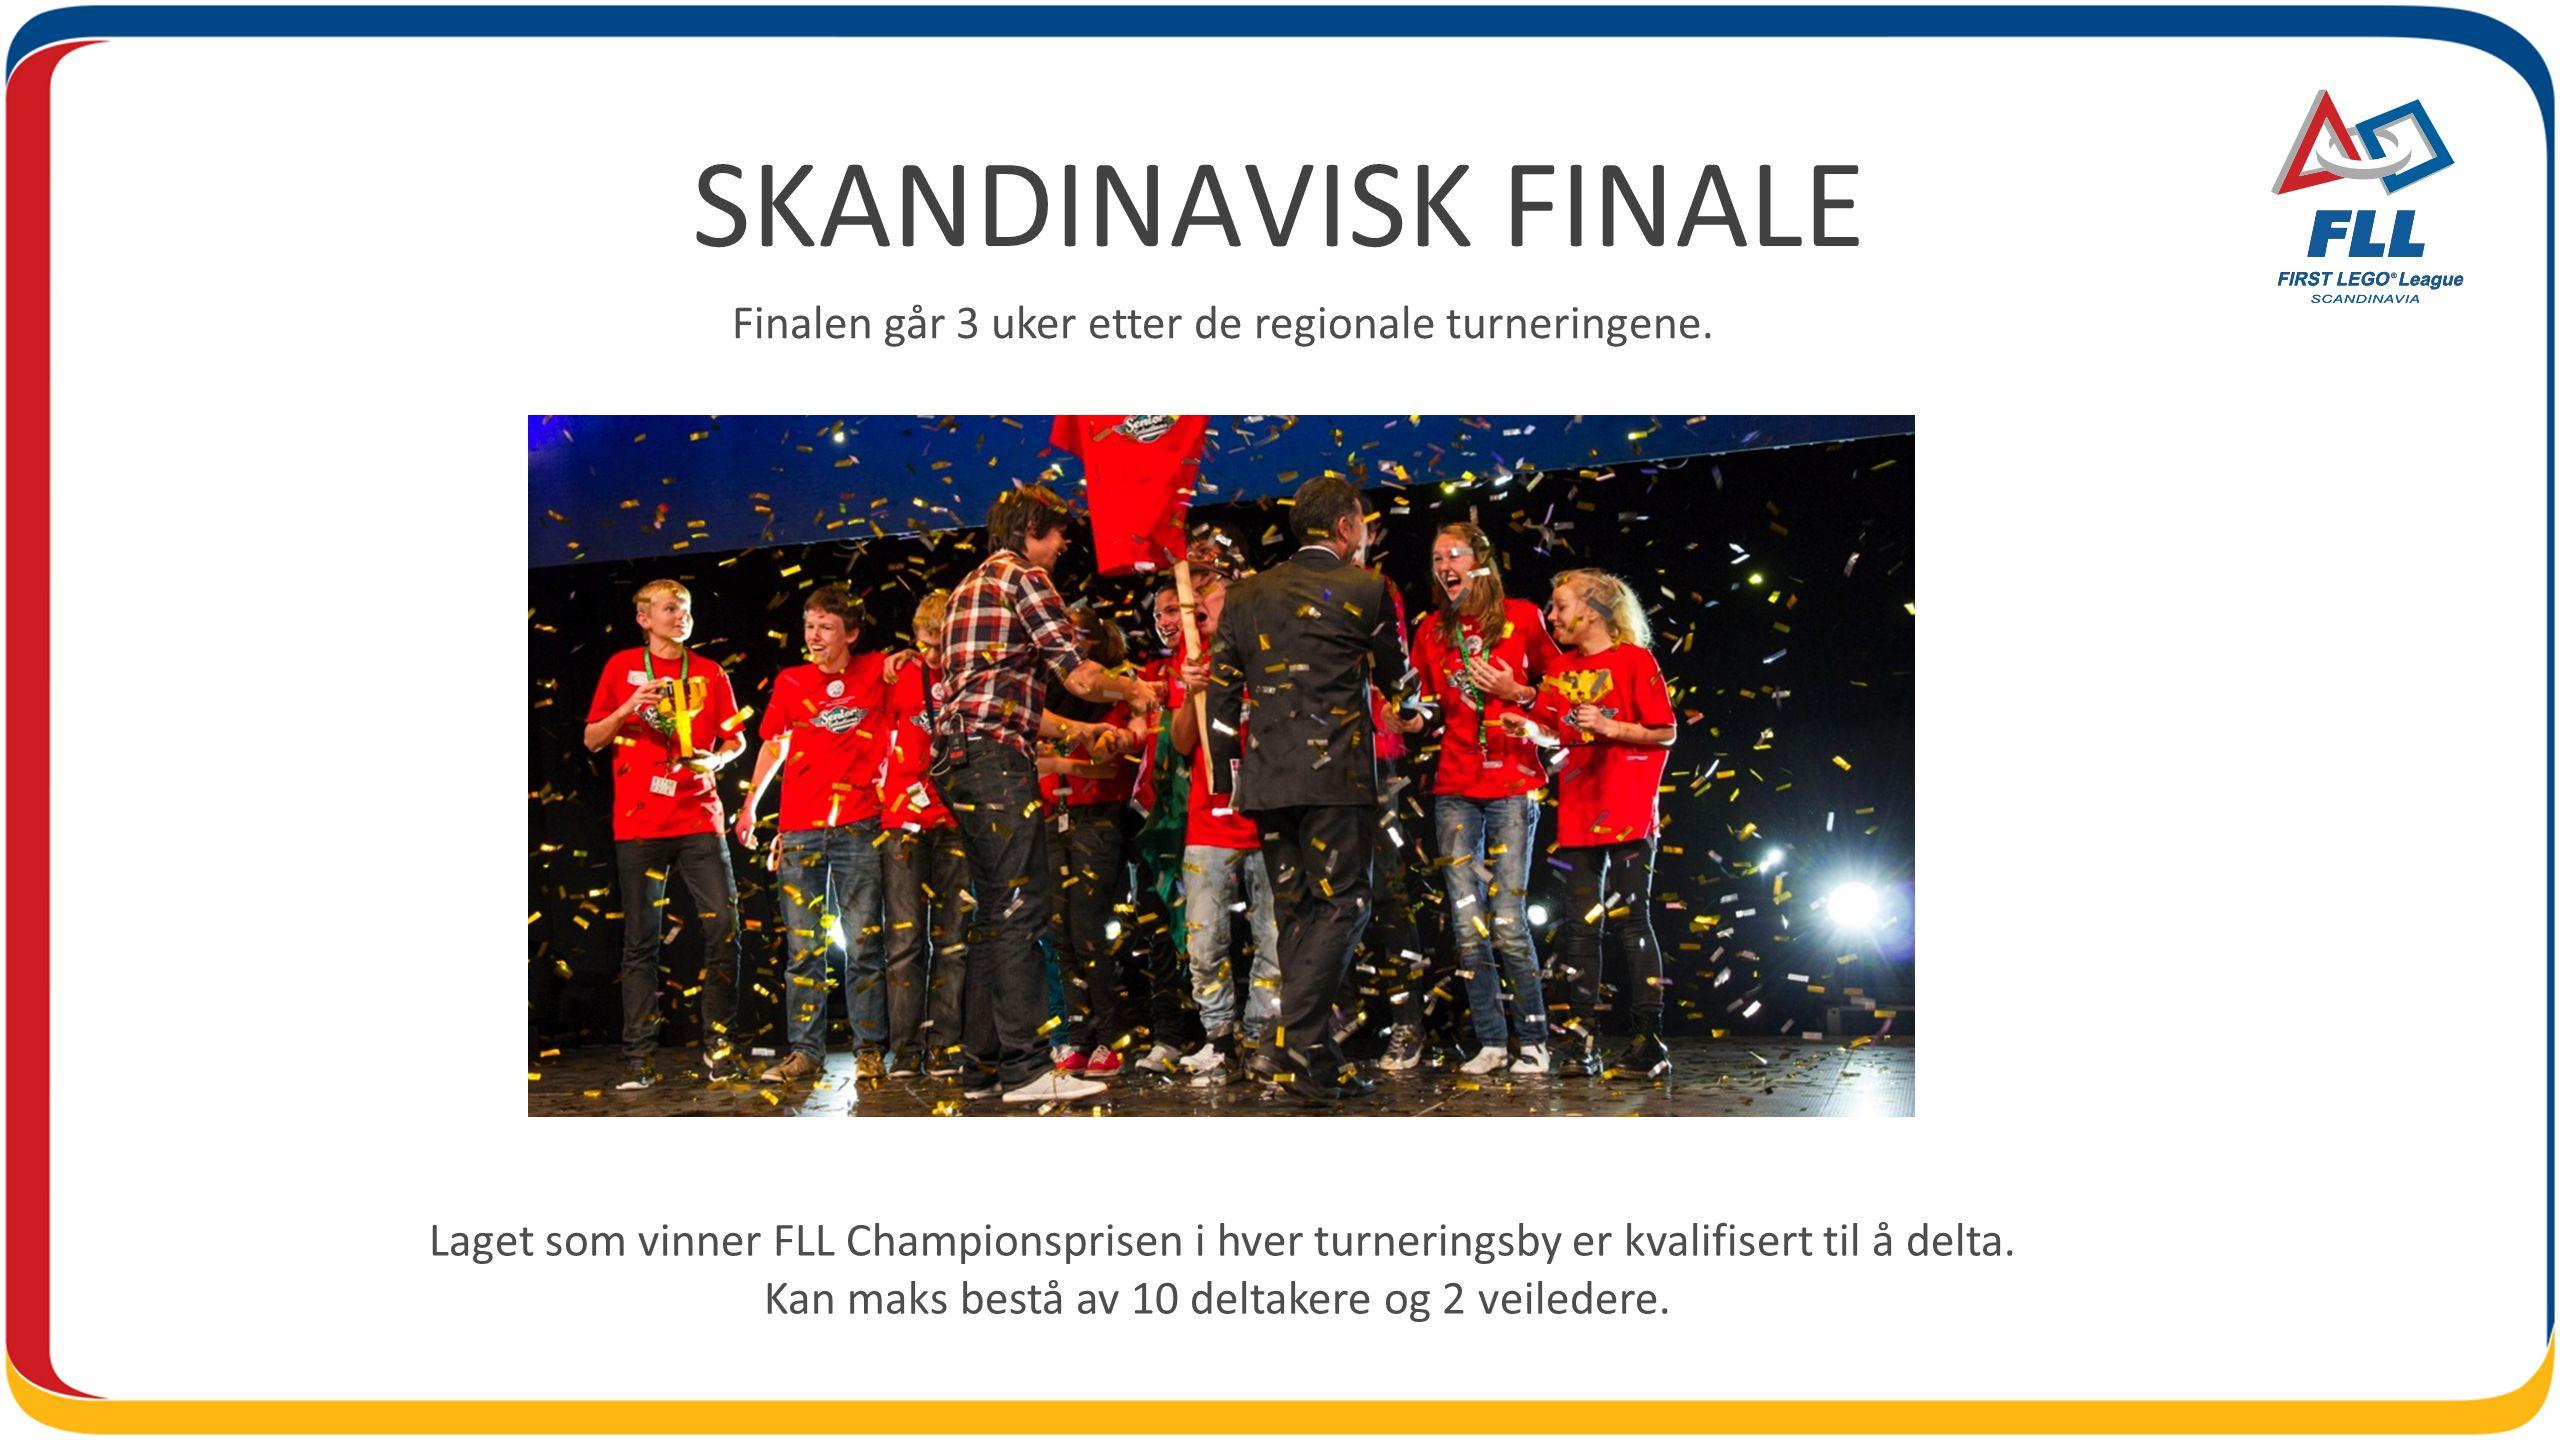 SKANDINAVISK FINALE Finalen går 3 uker etter de regionale turneringene. Laget som vinner FLL Championsprisen i hver turneringsby er kvalifisert til å